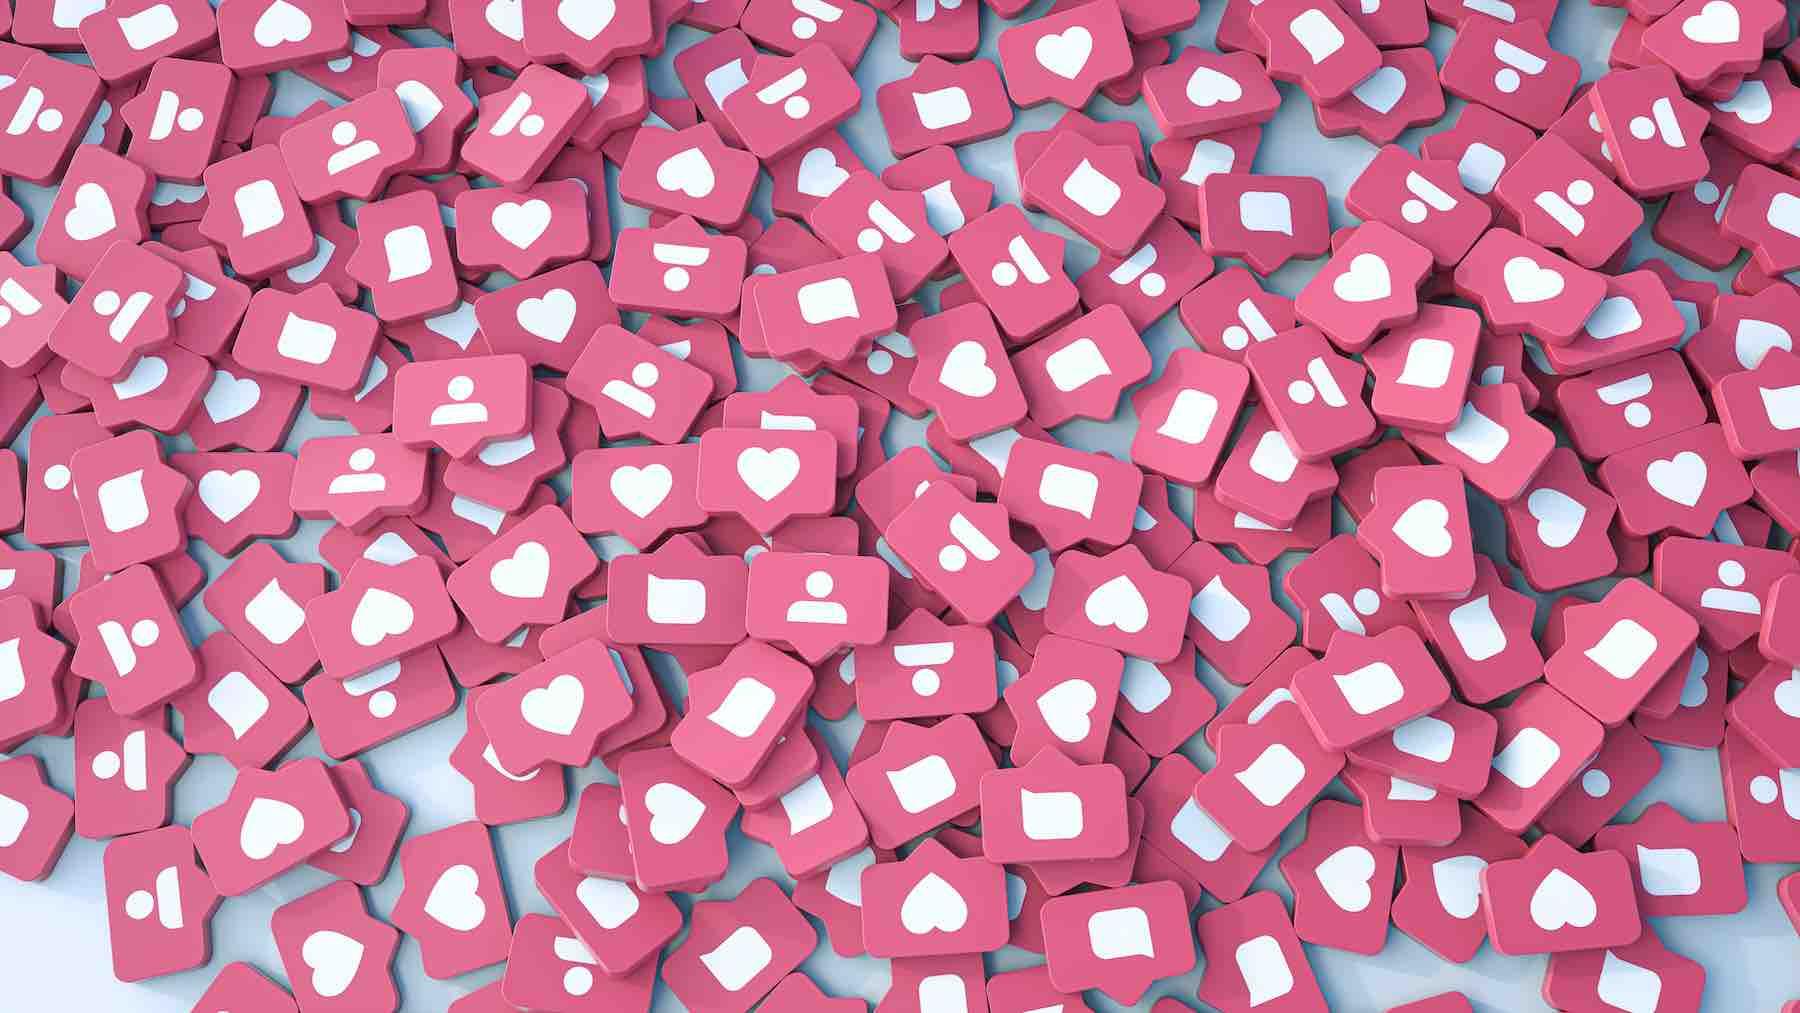 Montagem com centenas de ícones de notificação de like, como os das redes sociais.